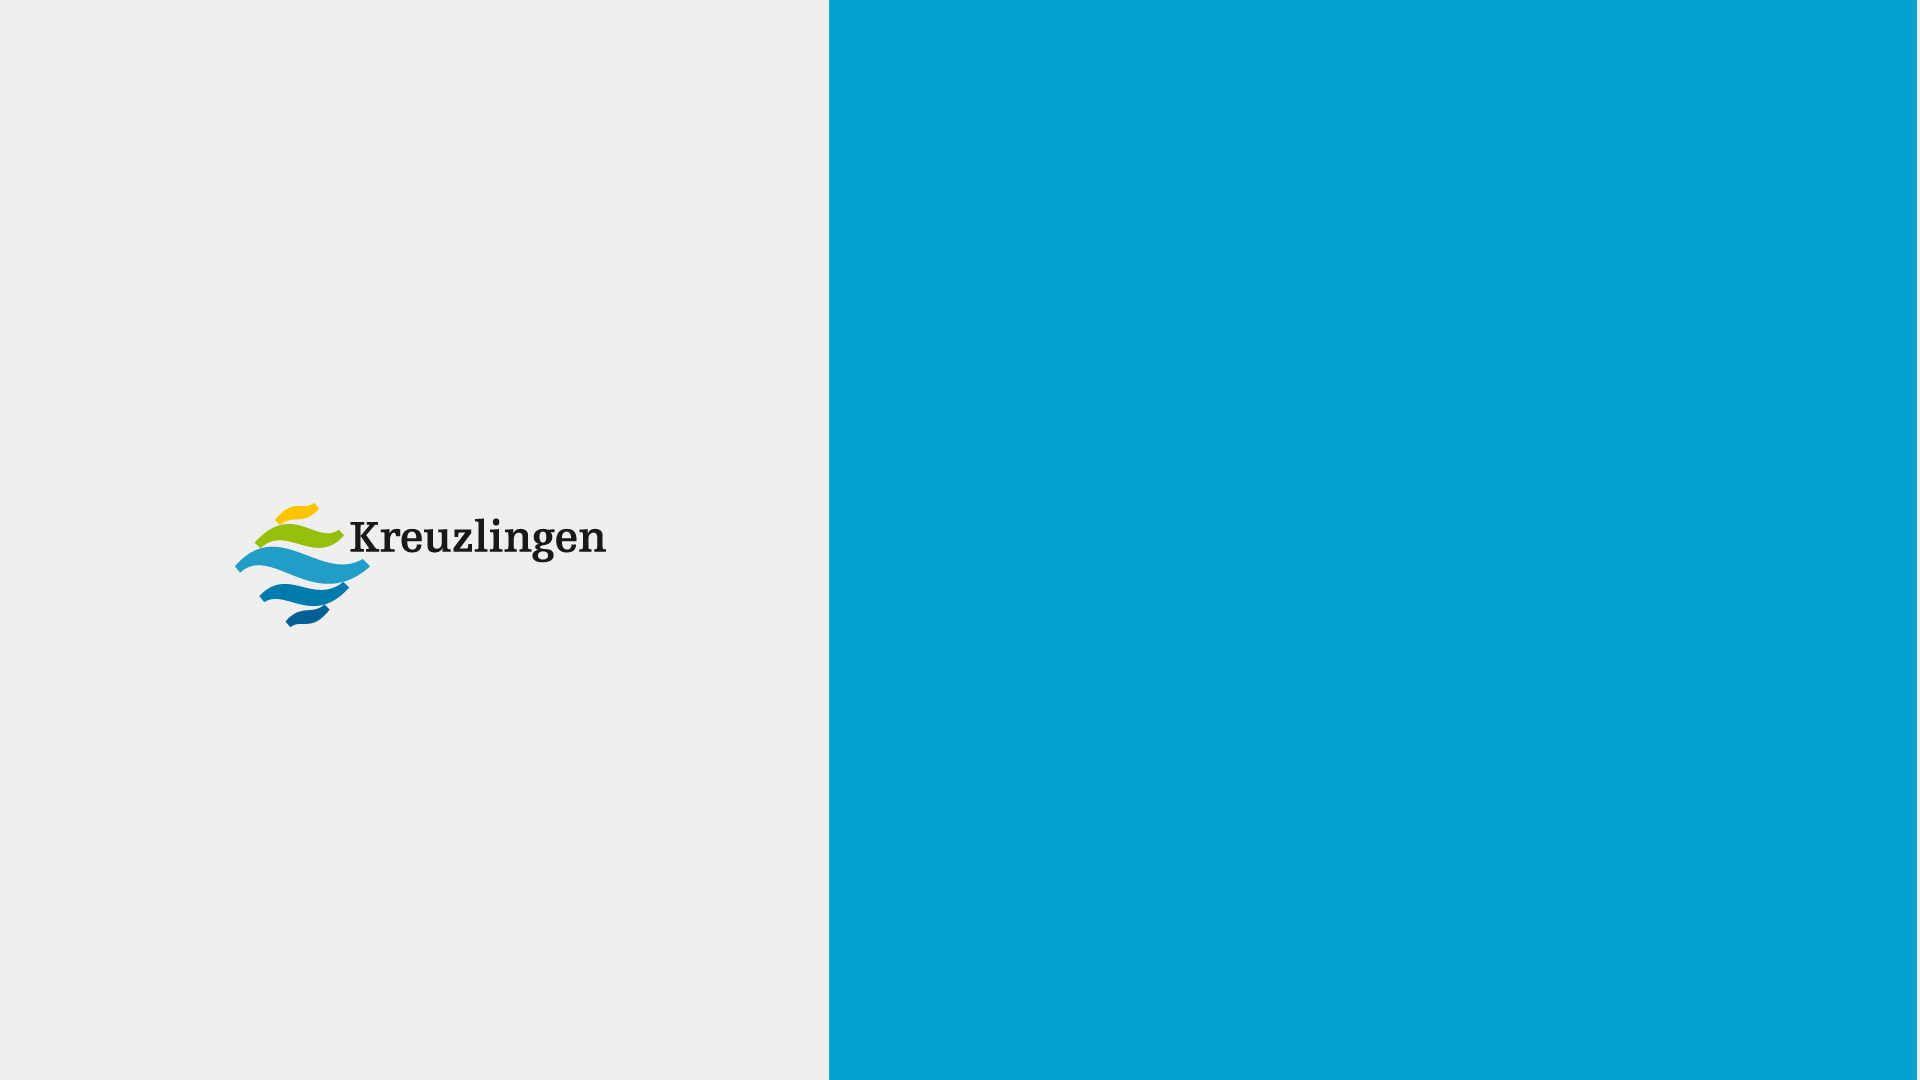 Lärmsanierung der Kantonsstrassen in der Stadt Kreuzlingen (TG)